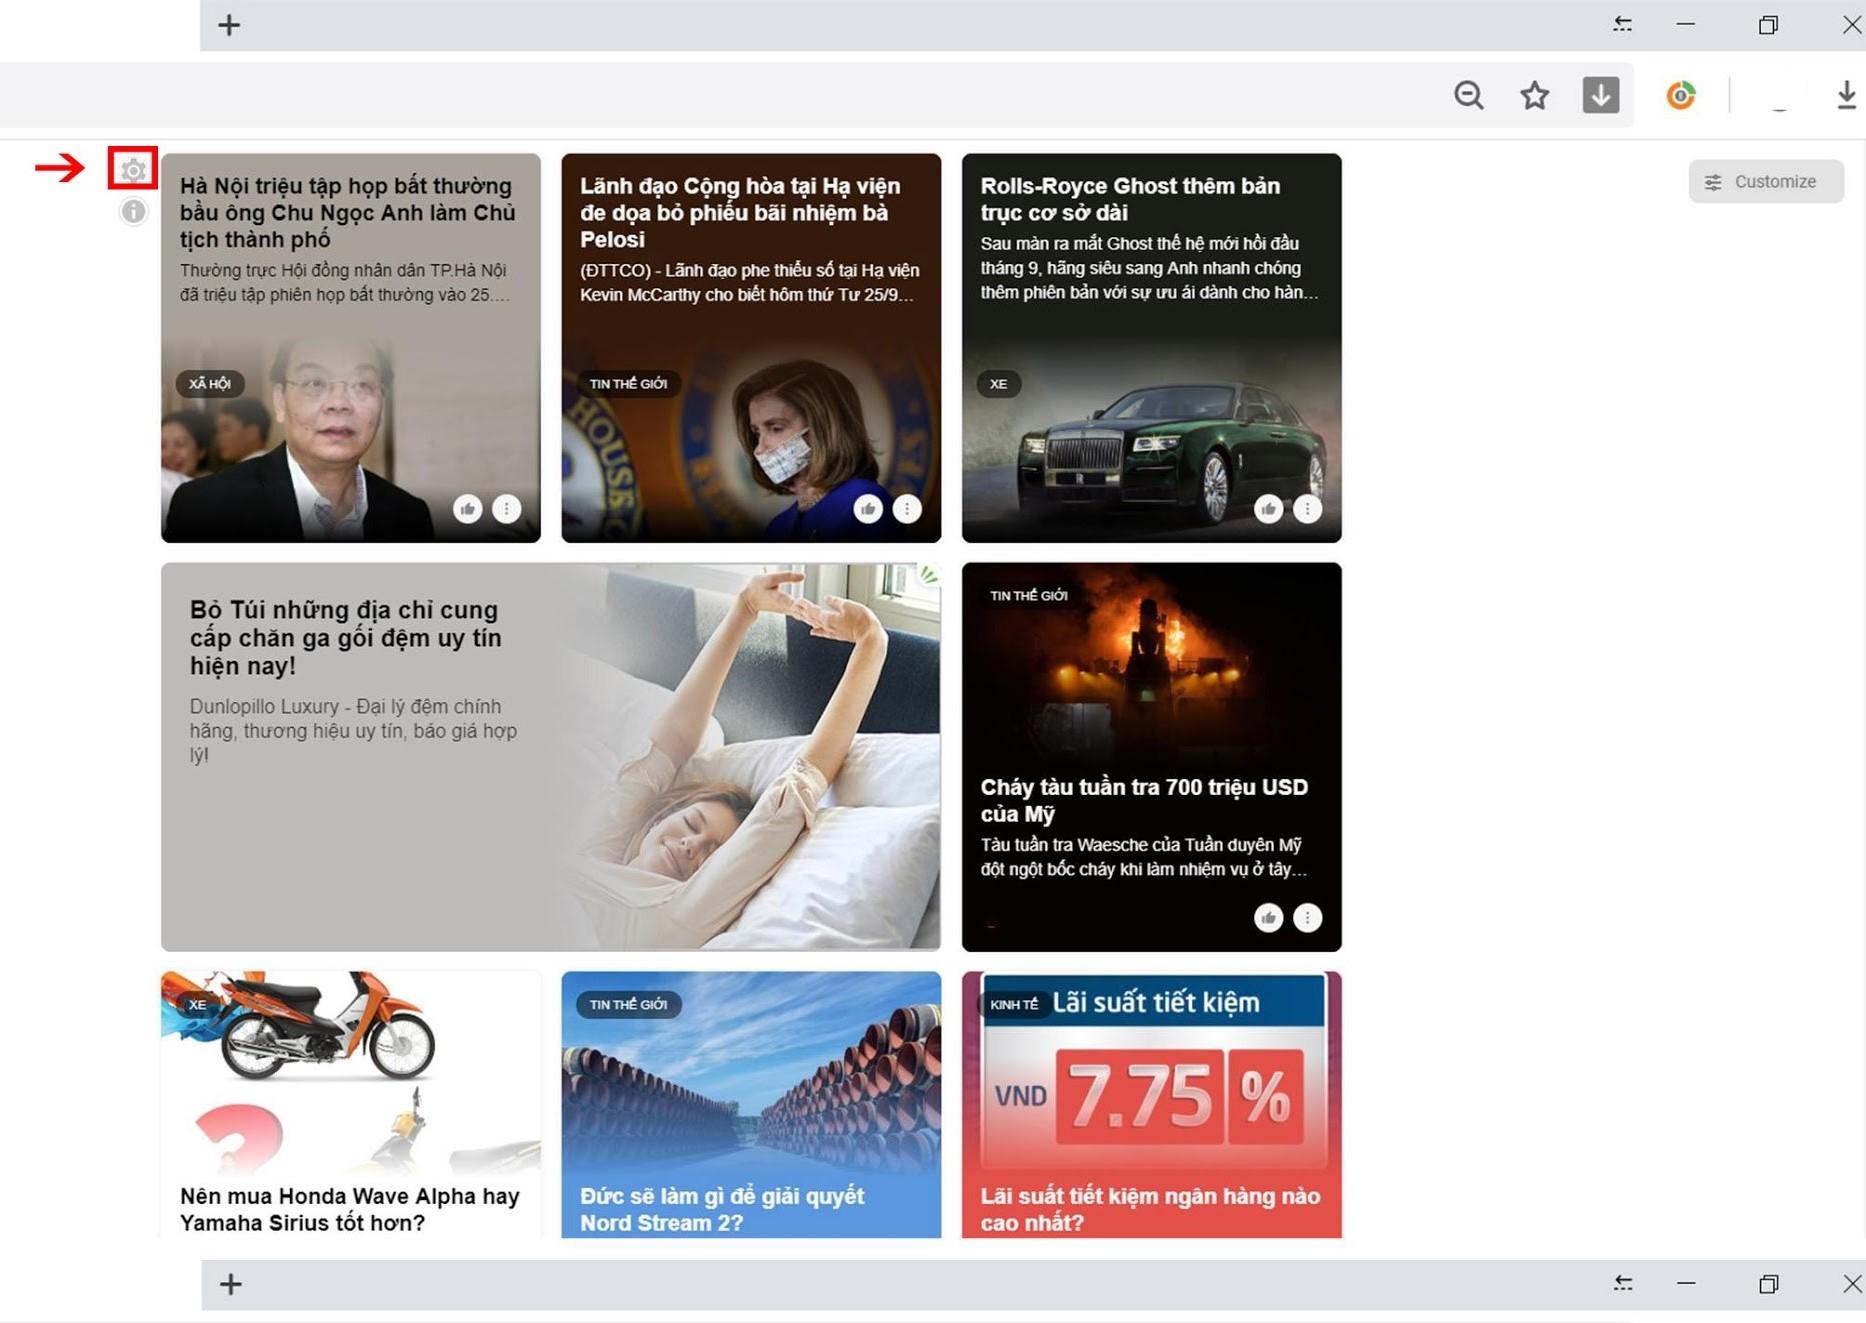 Cốc Cốc tung tính năng đọc tin mới, phục vụ từng sở thích người dùng - Ảnh 2.